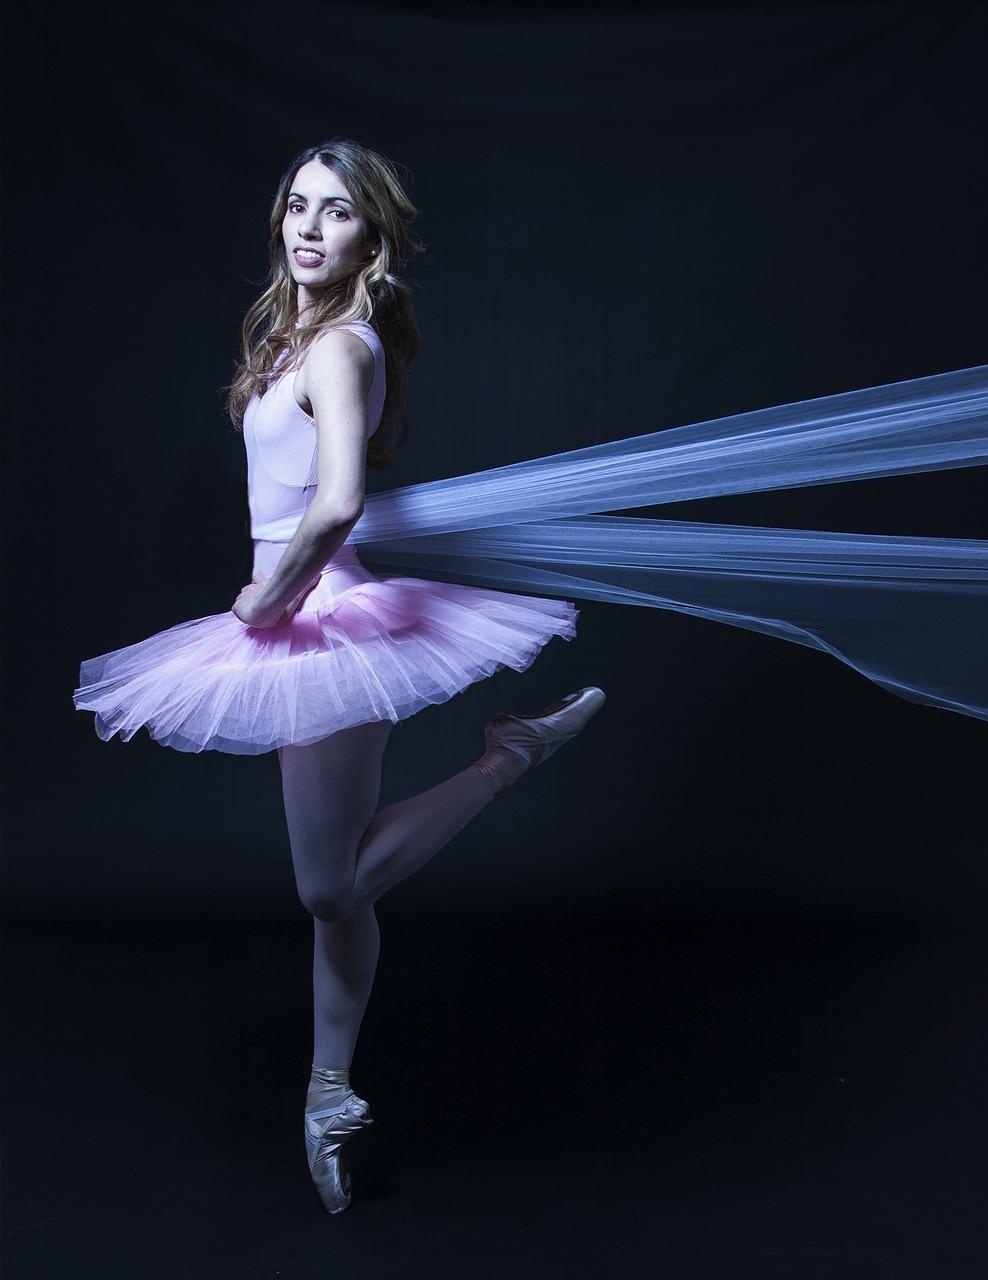 уникальные фото балерин болтаются, плюс получаются